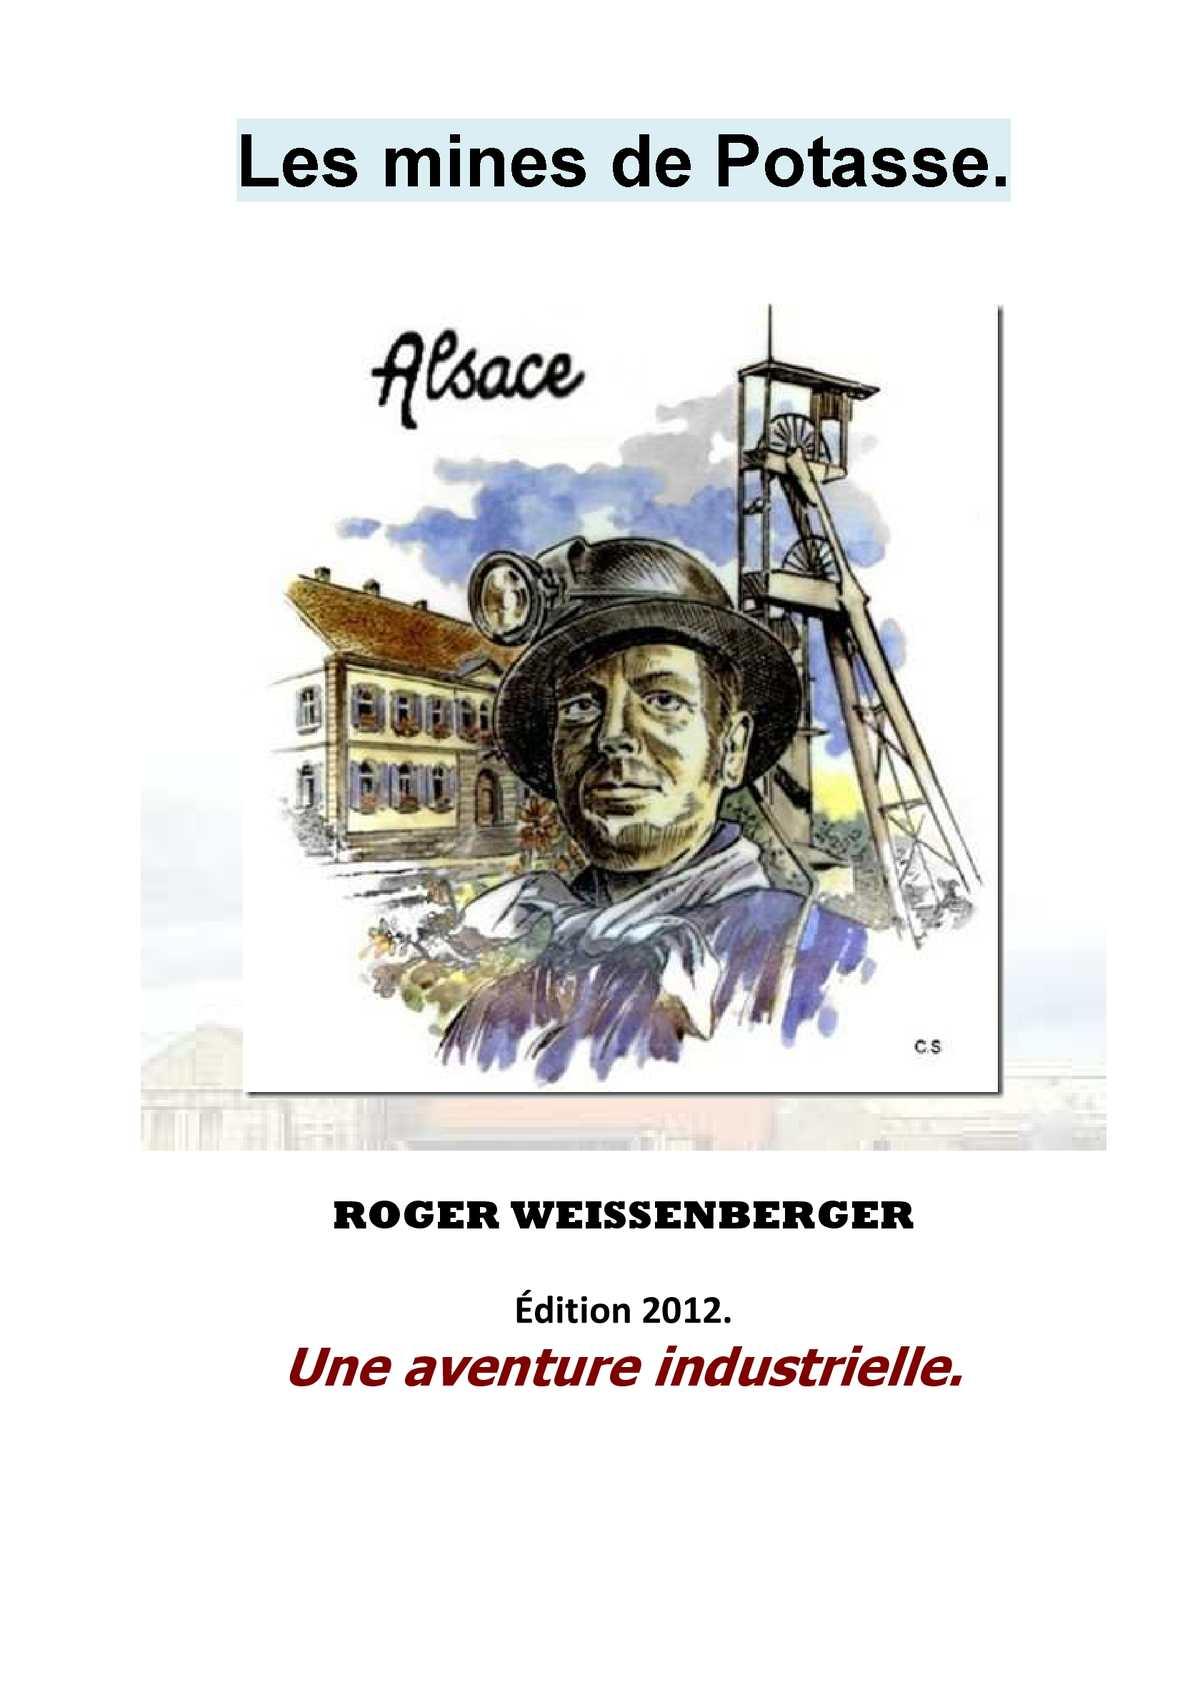 Calaméo Les mines de potasse d Alsace